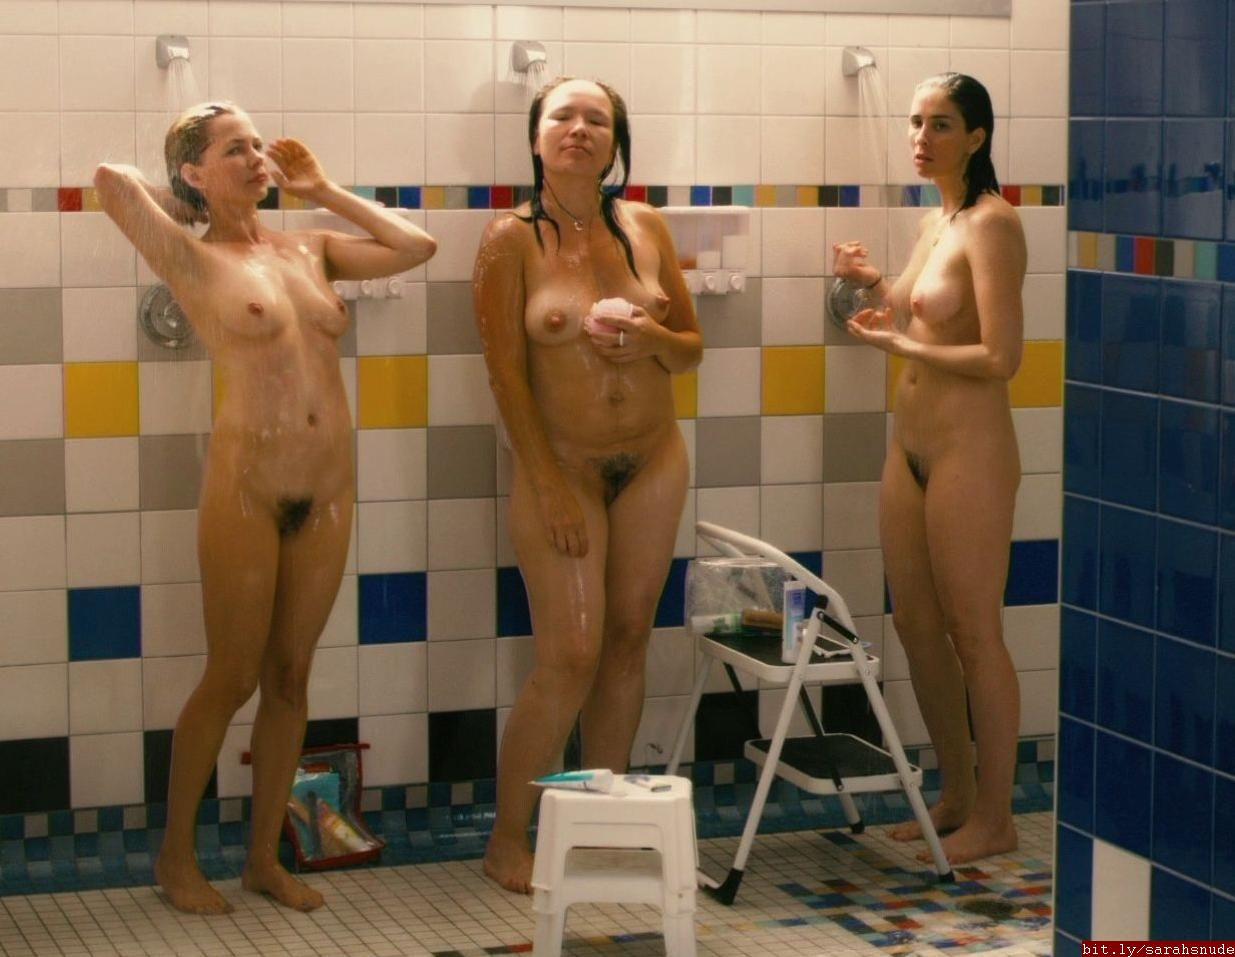 Silverman nude photos sarah